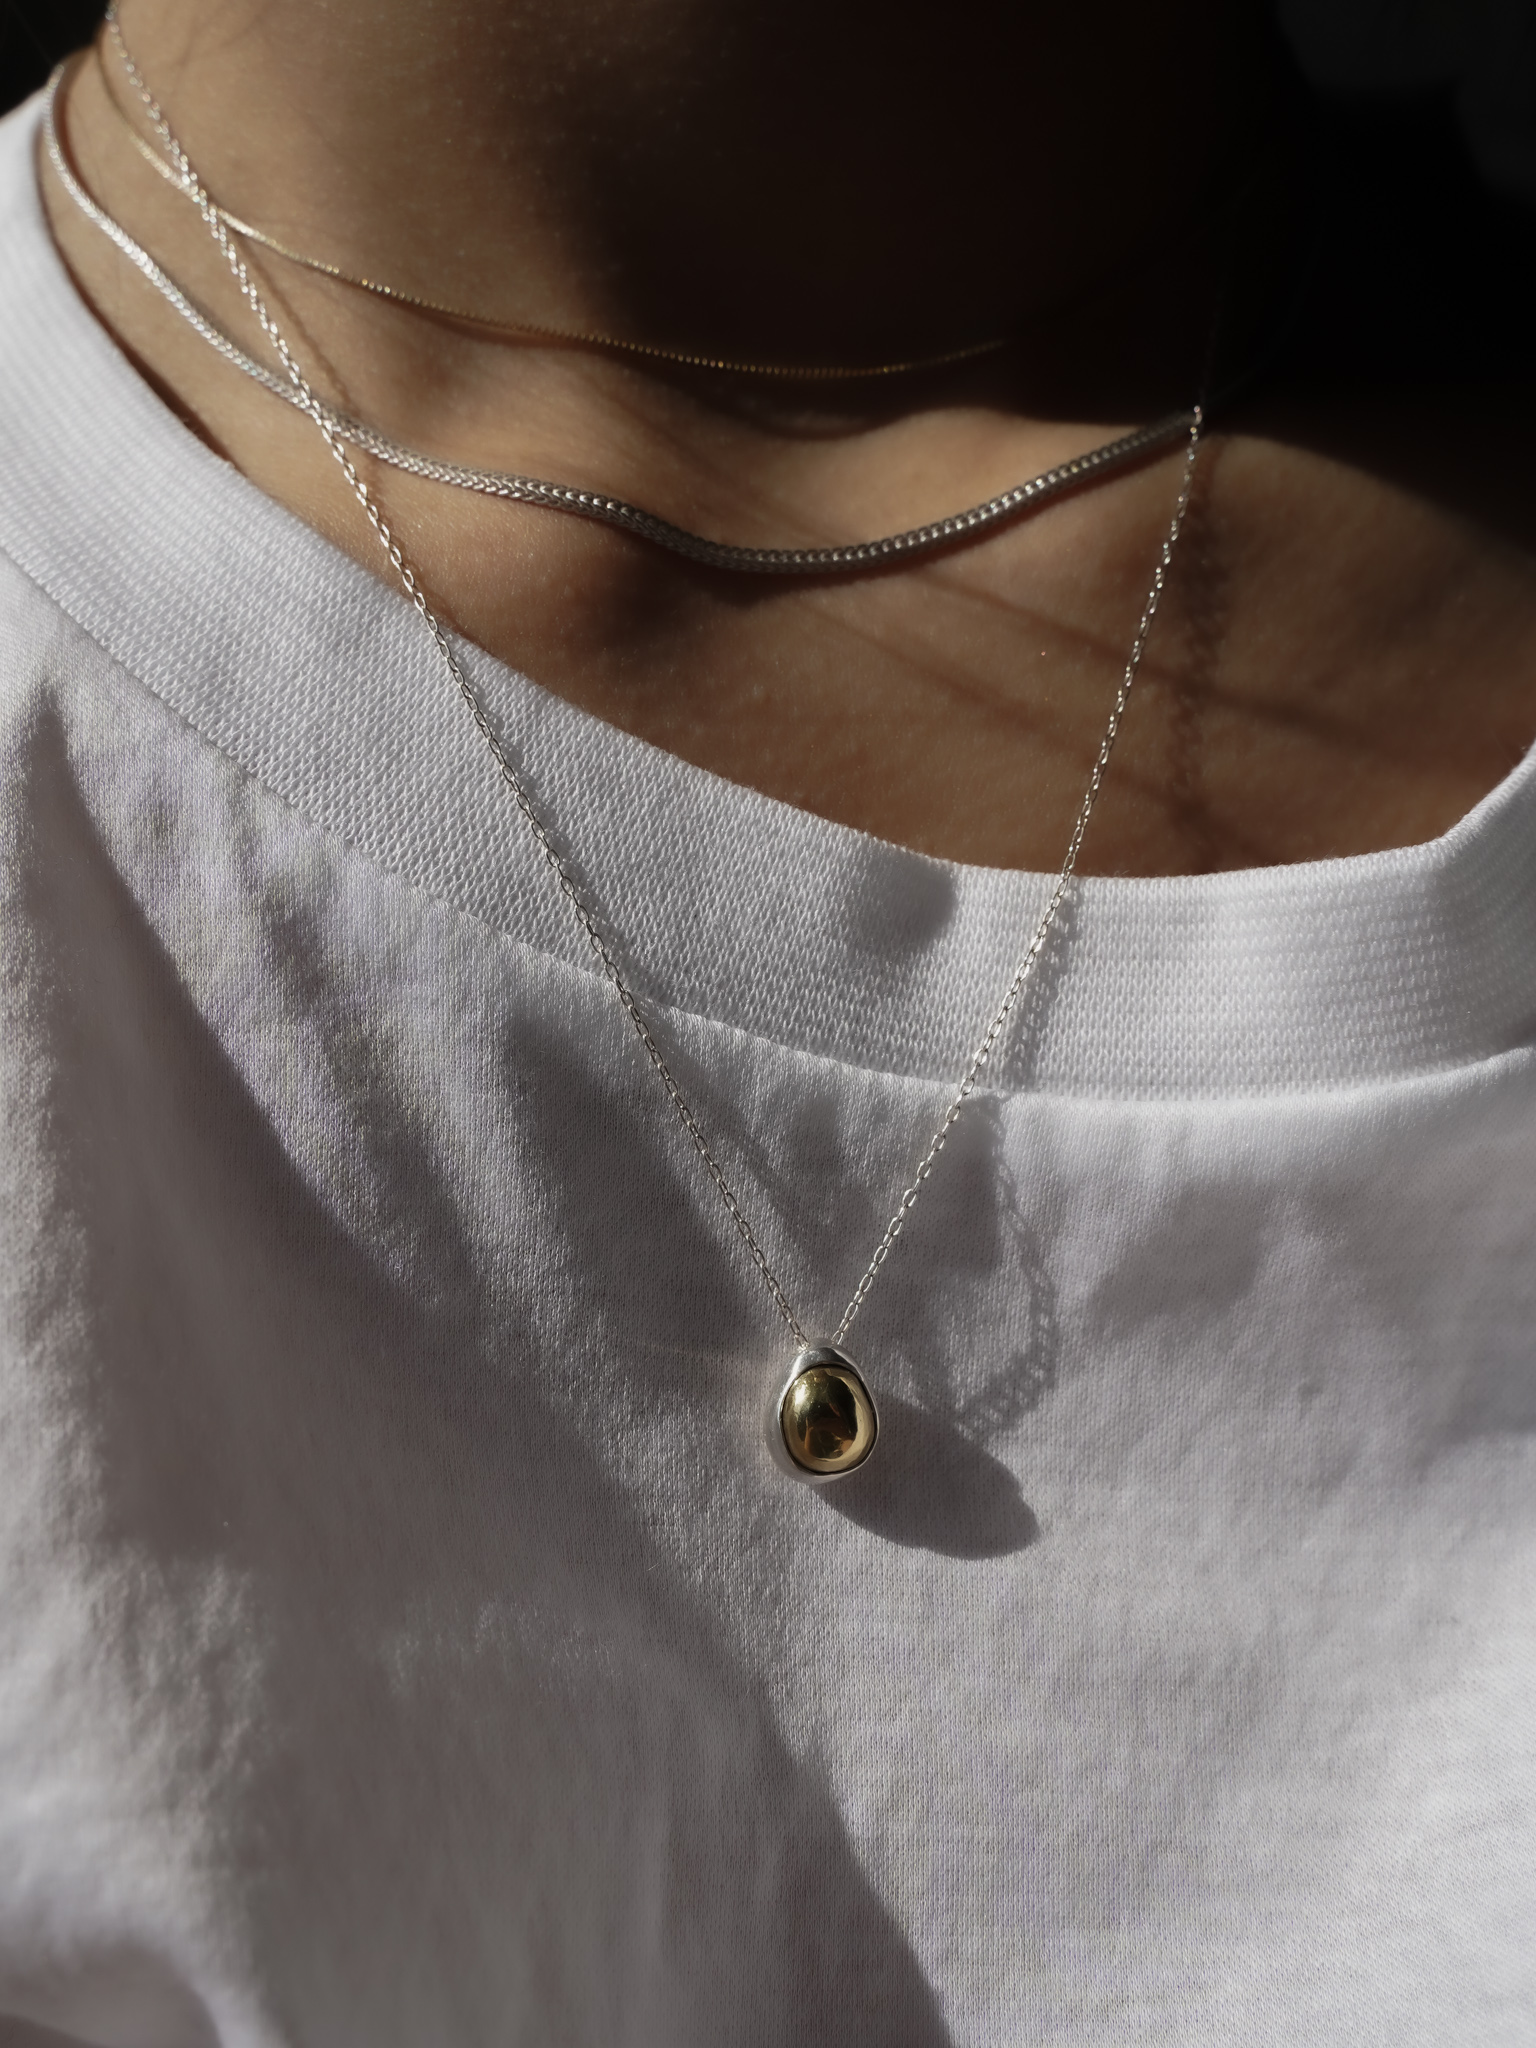 新作発売:2way combination necklace